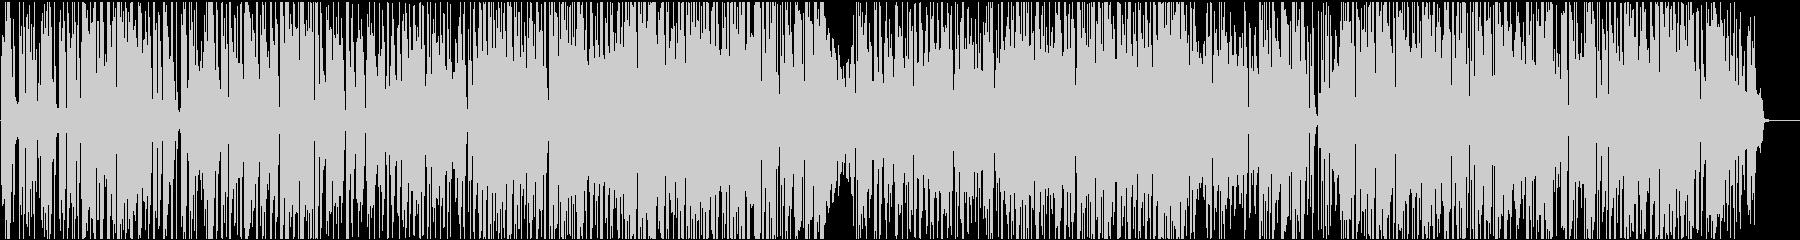 オープニング印象大の爽やかピアノファンクの未再生の波形